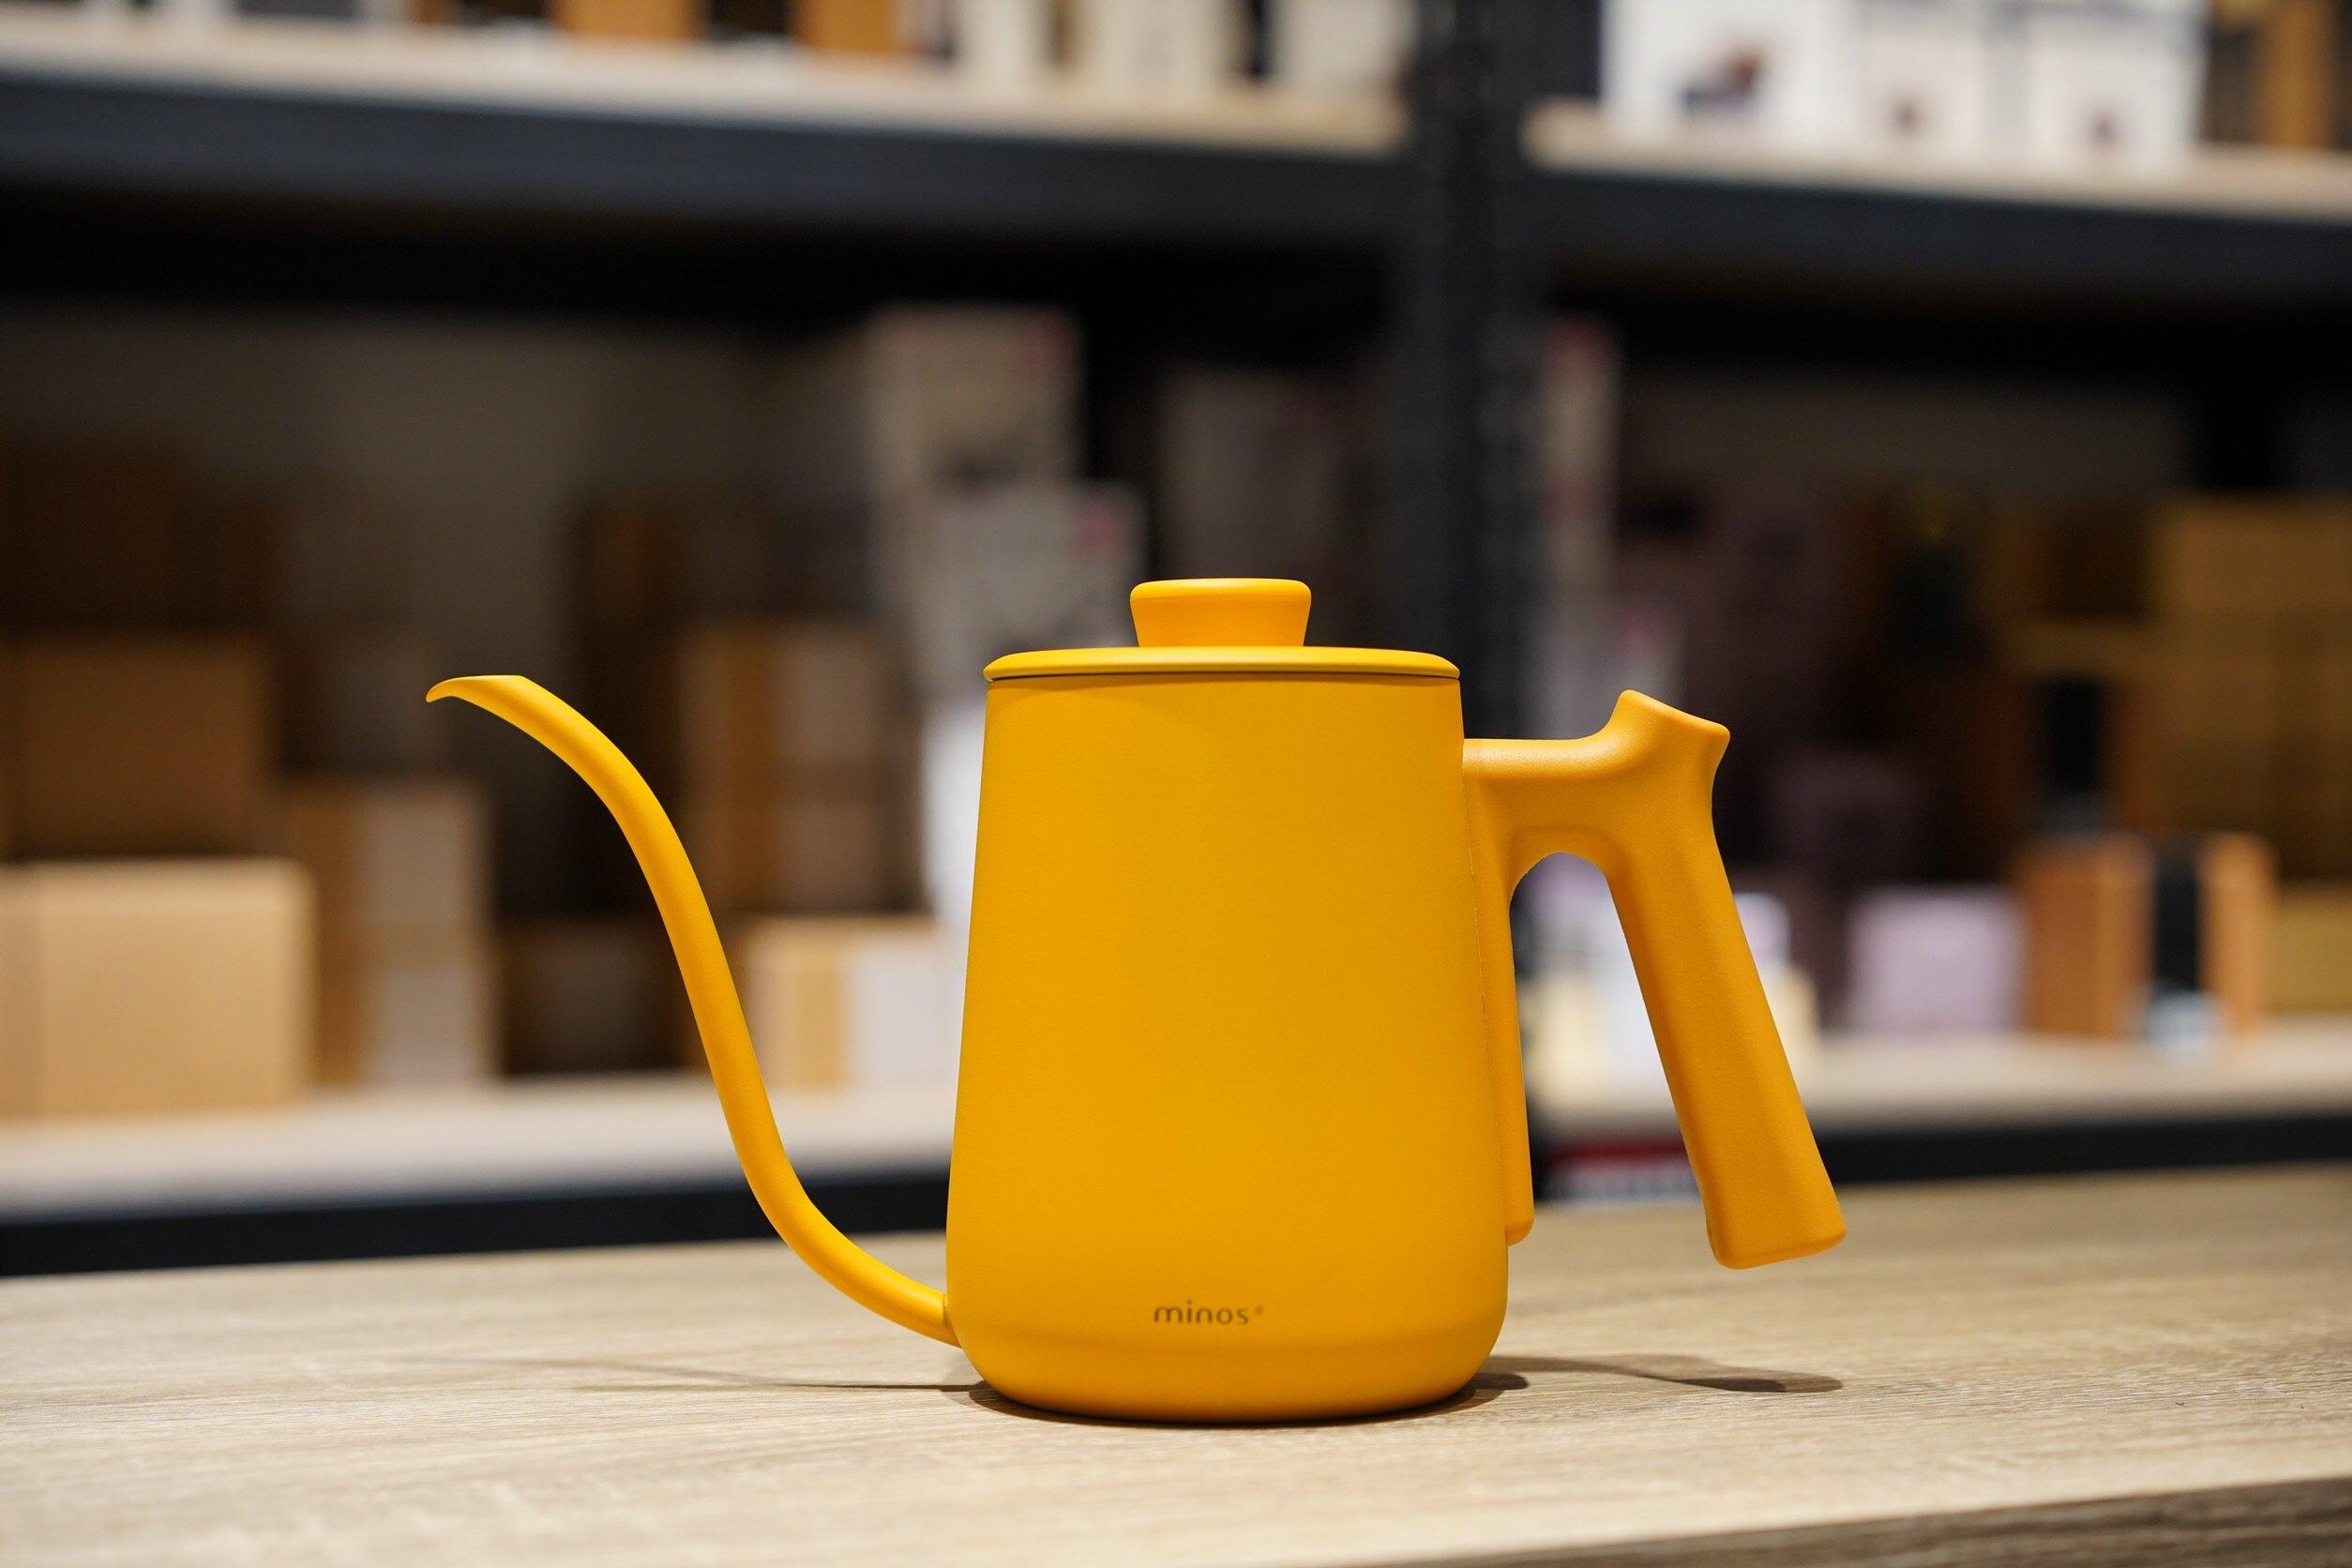 【沐湛咖啡】Minos 600ml 細口手沖壺 蓋子可鎖溫度計 內附刻度線 出水順暢 適用新手